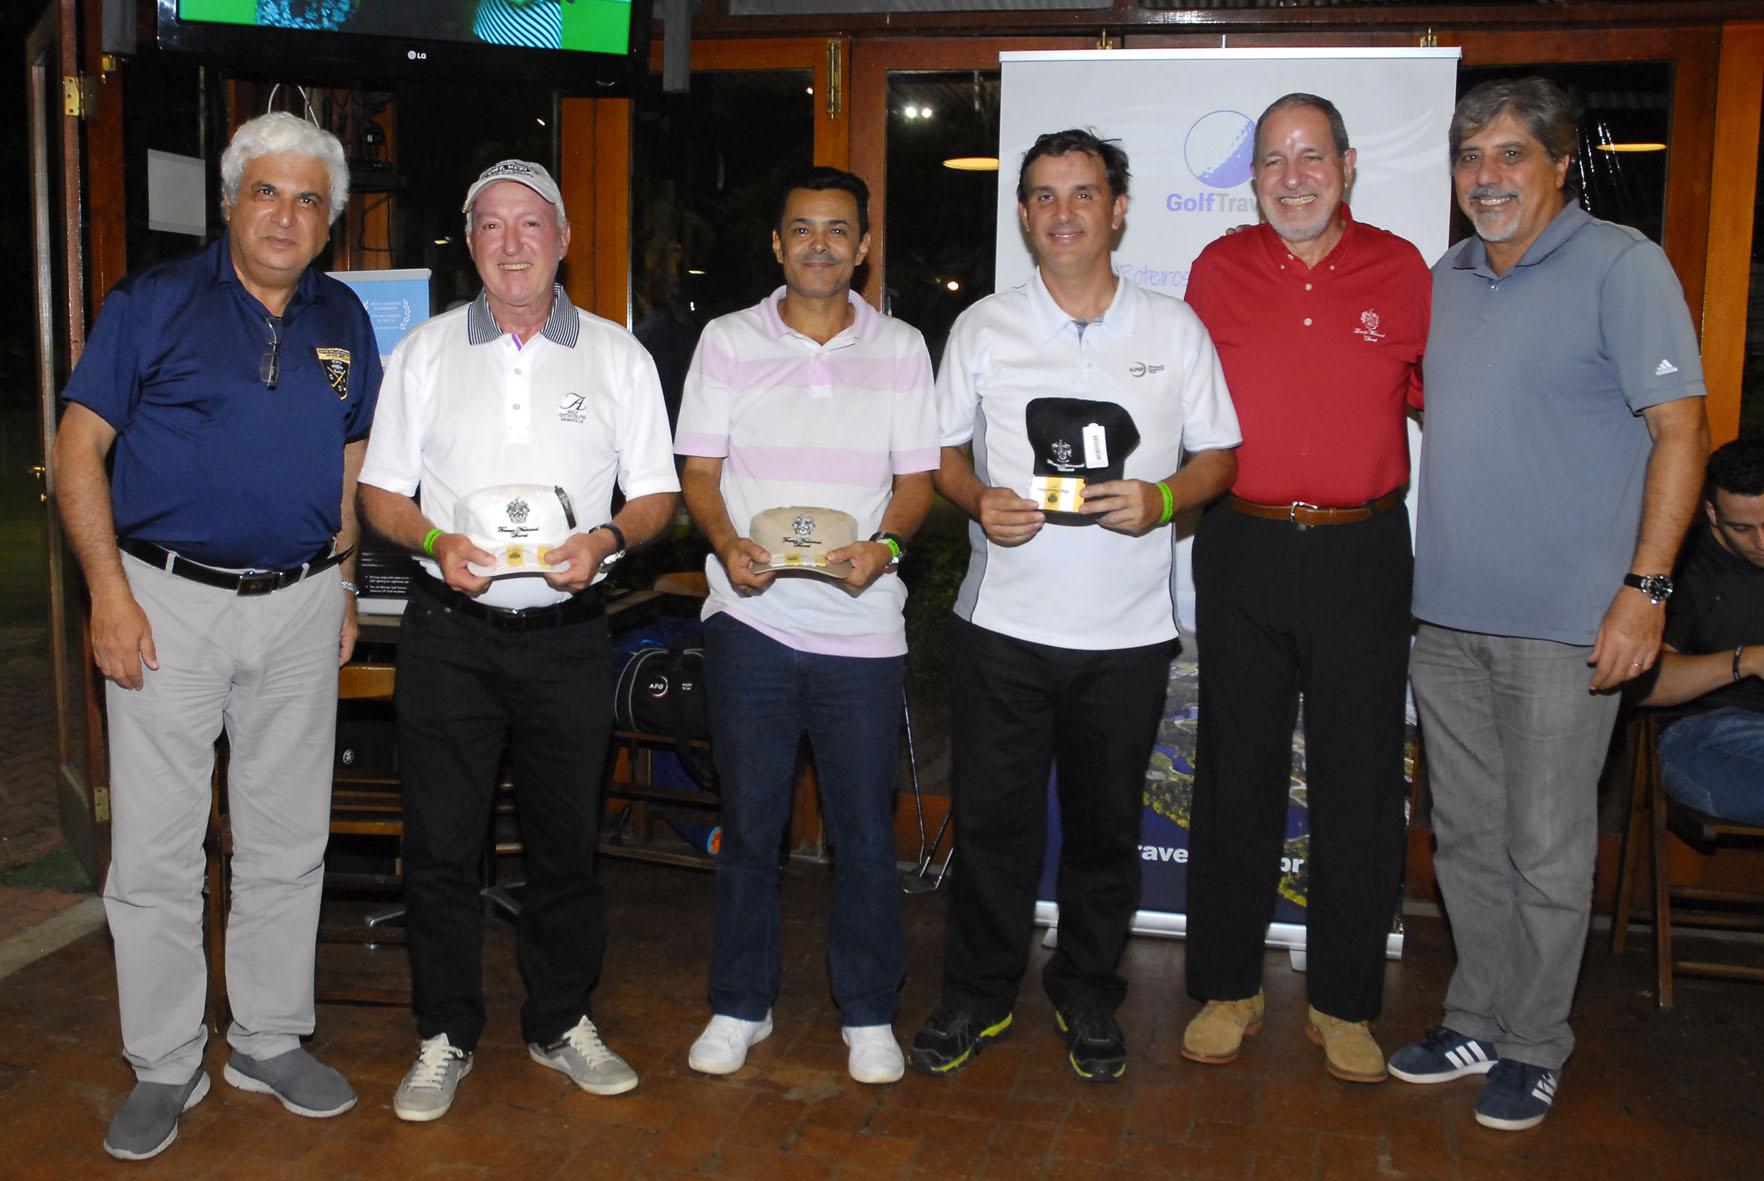 Taça Doral marca a realização da segunda etapa do 63º Torneio Pé Duro APG